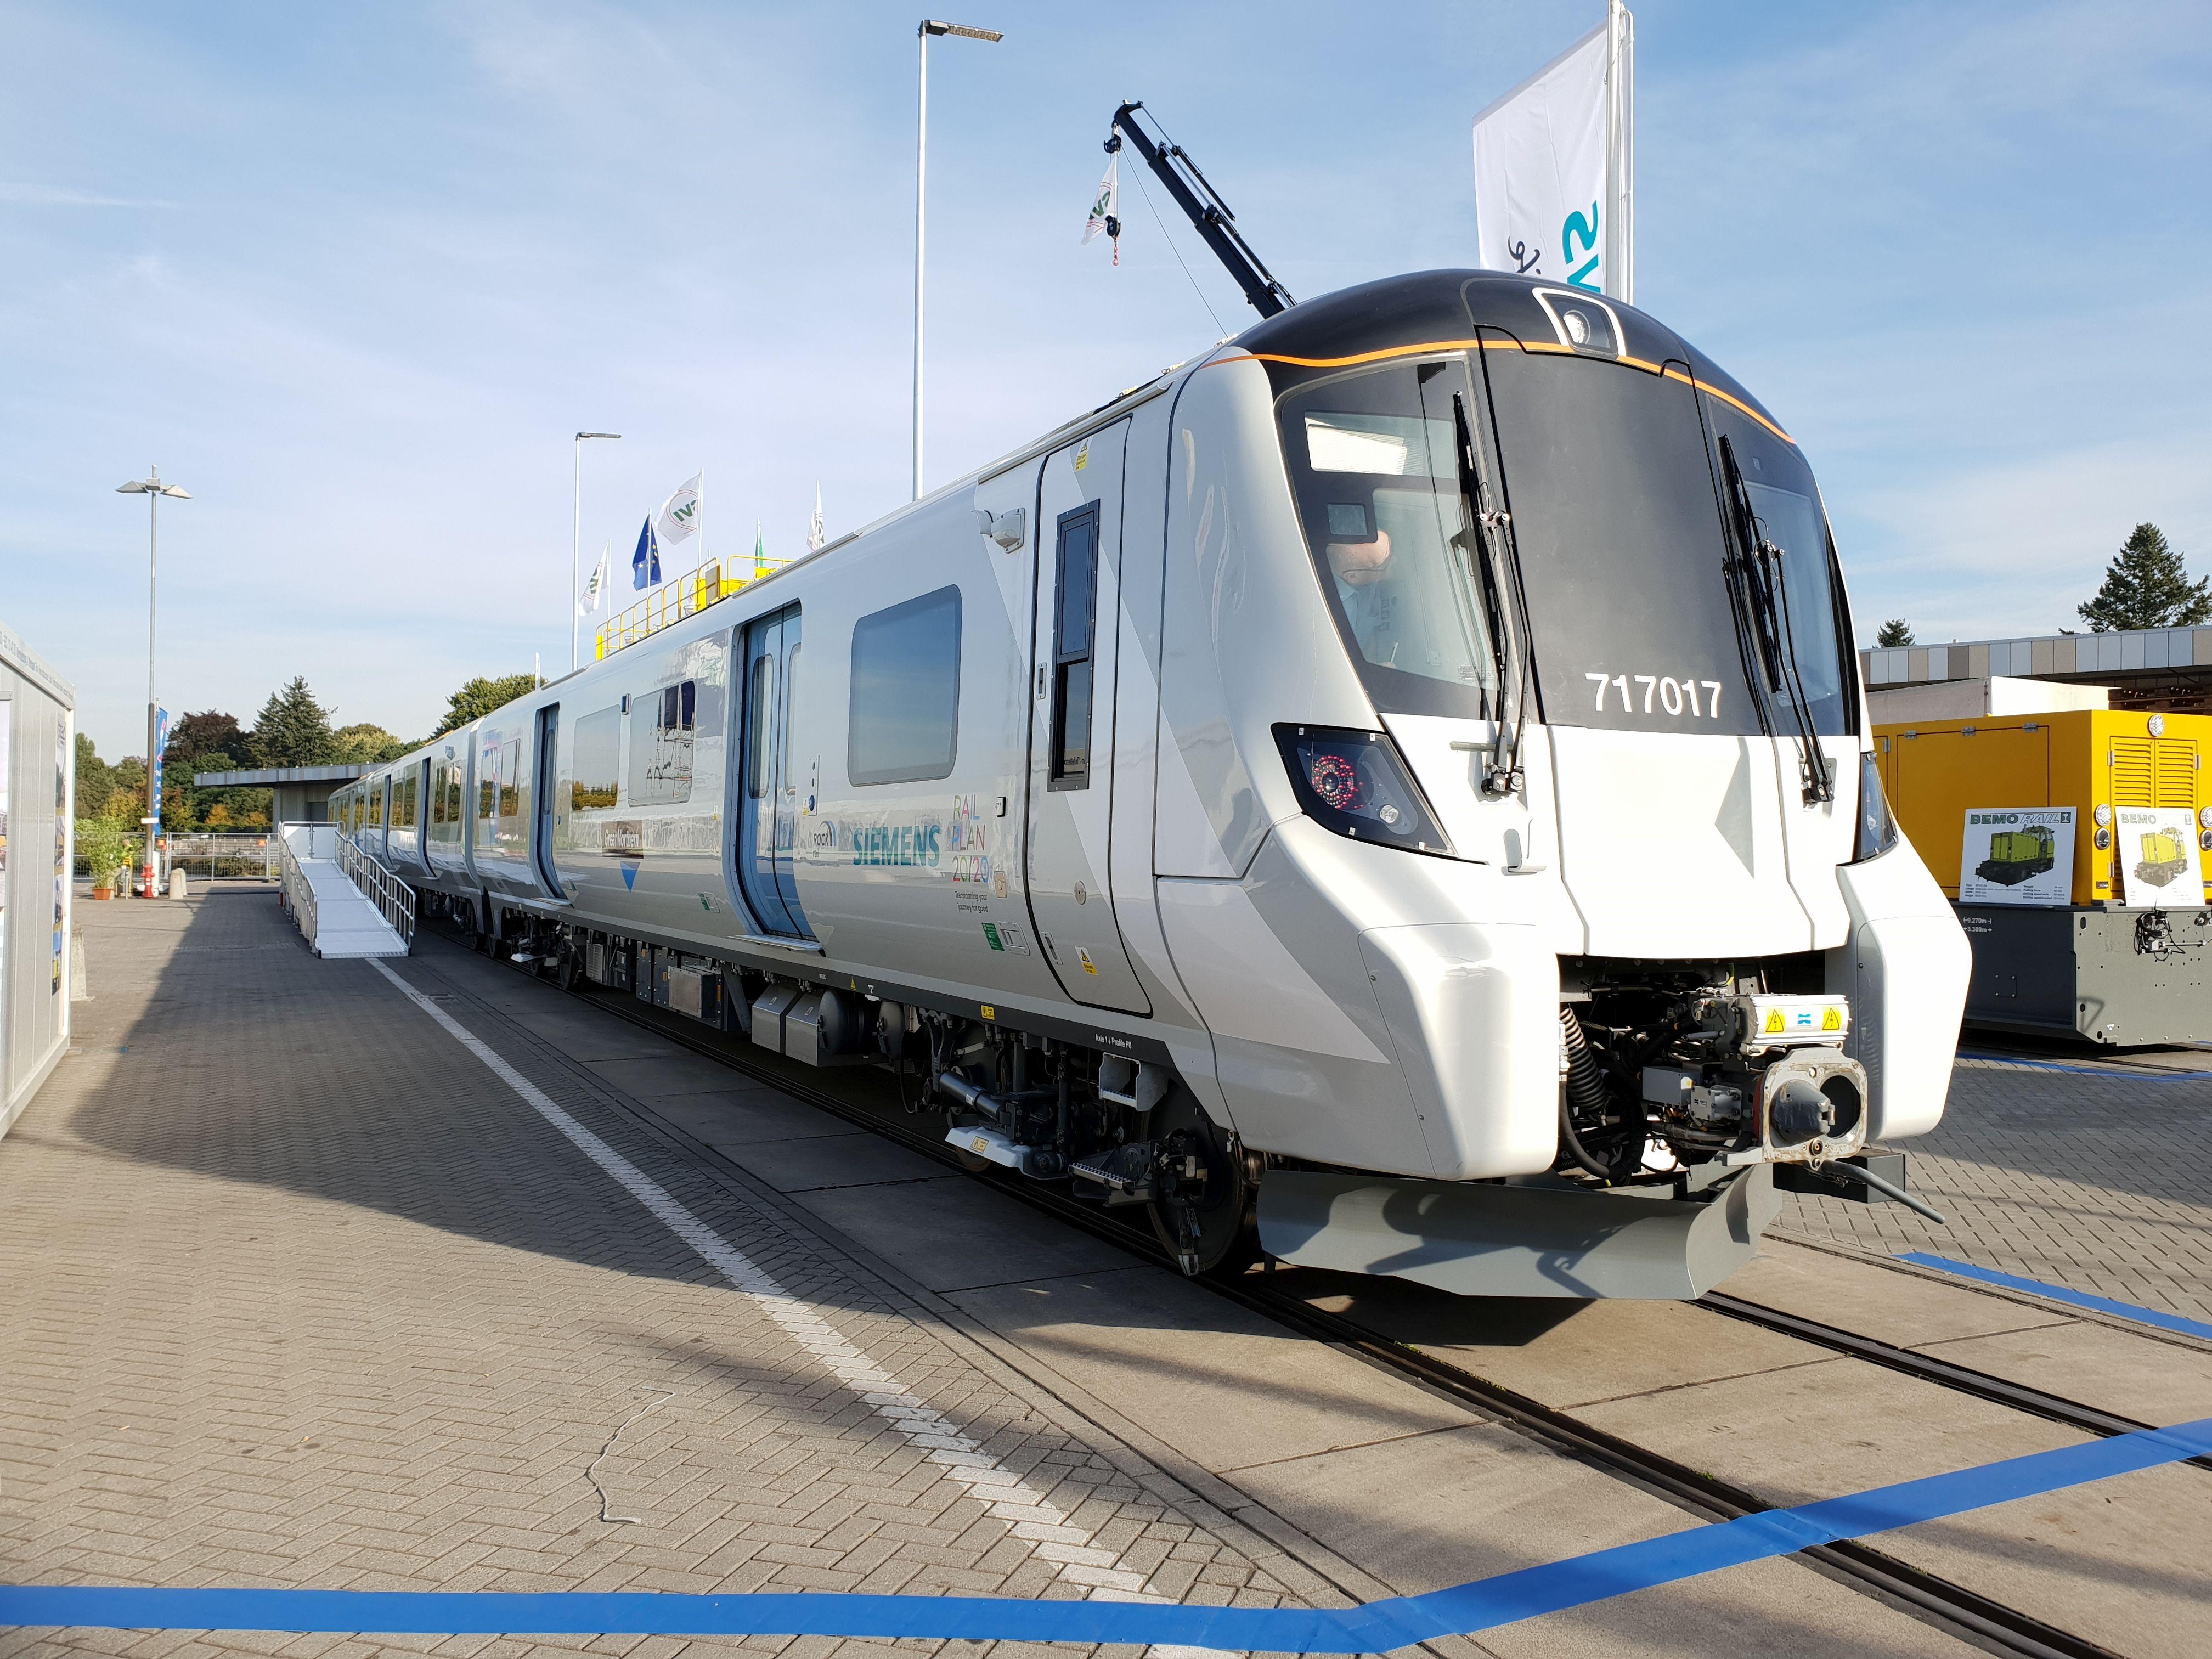 Foto: Siemens Desiro City für greatnorthern auf der Berliner Innotrans 2018